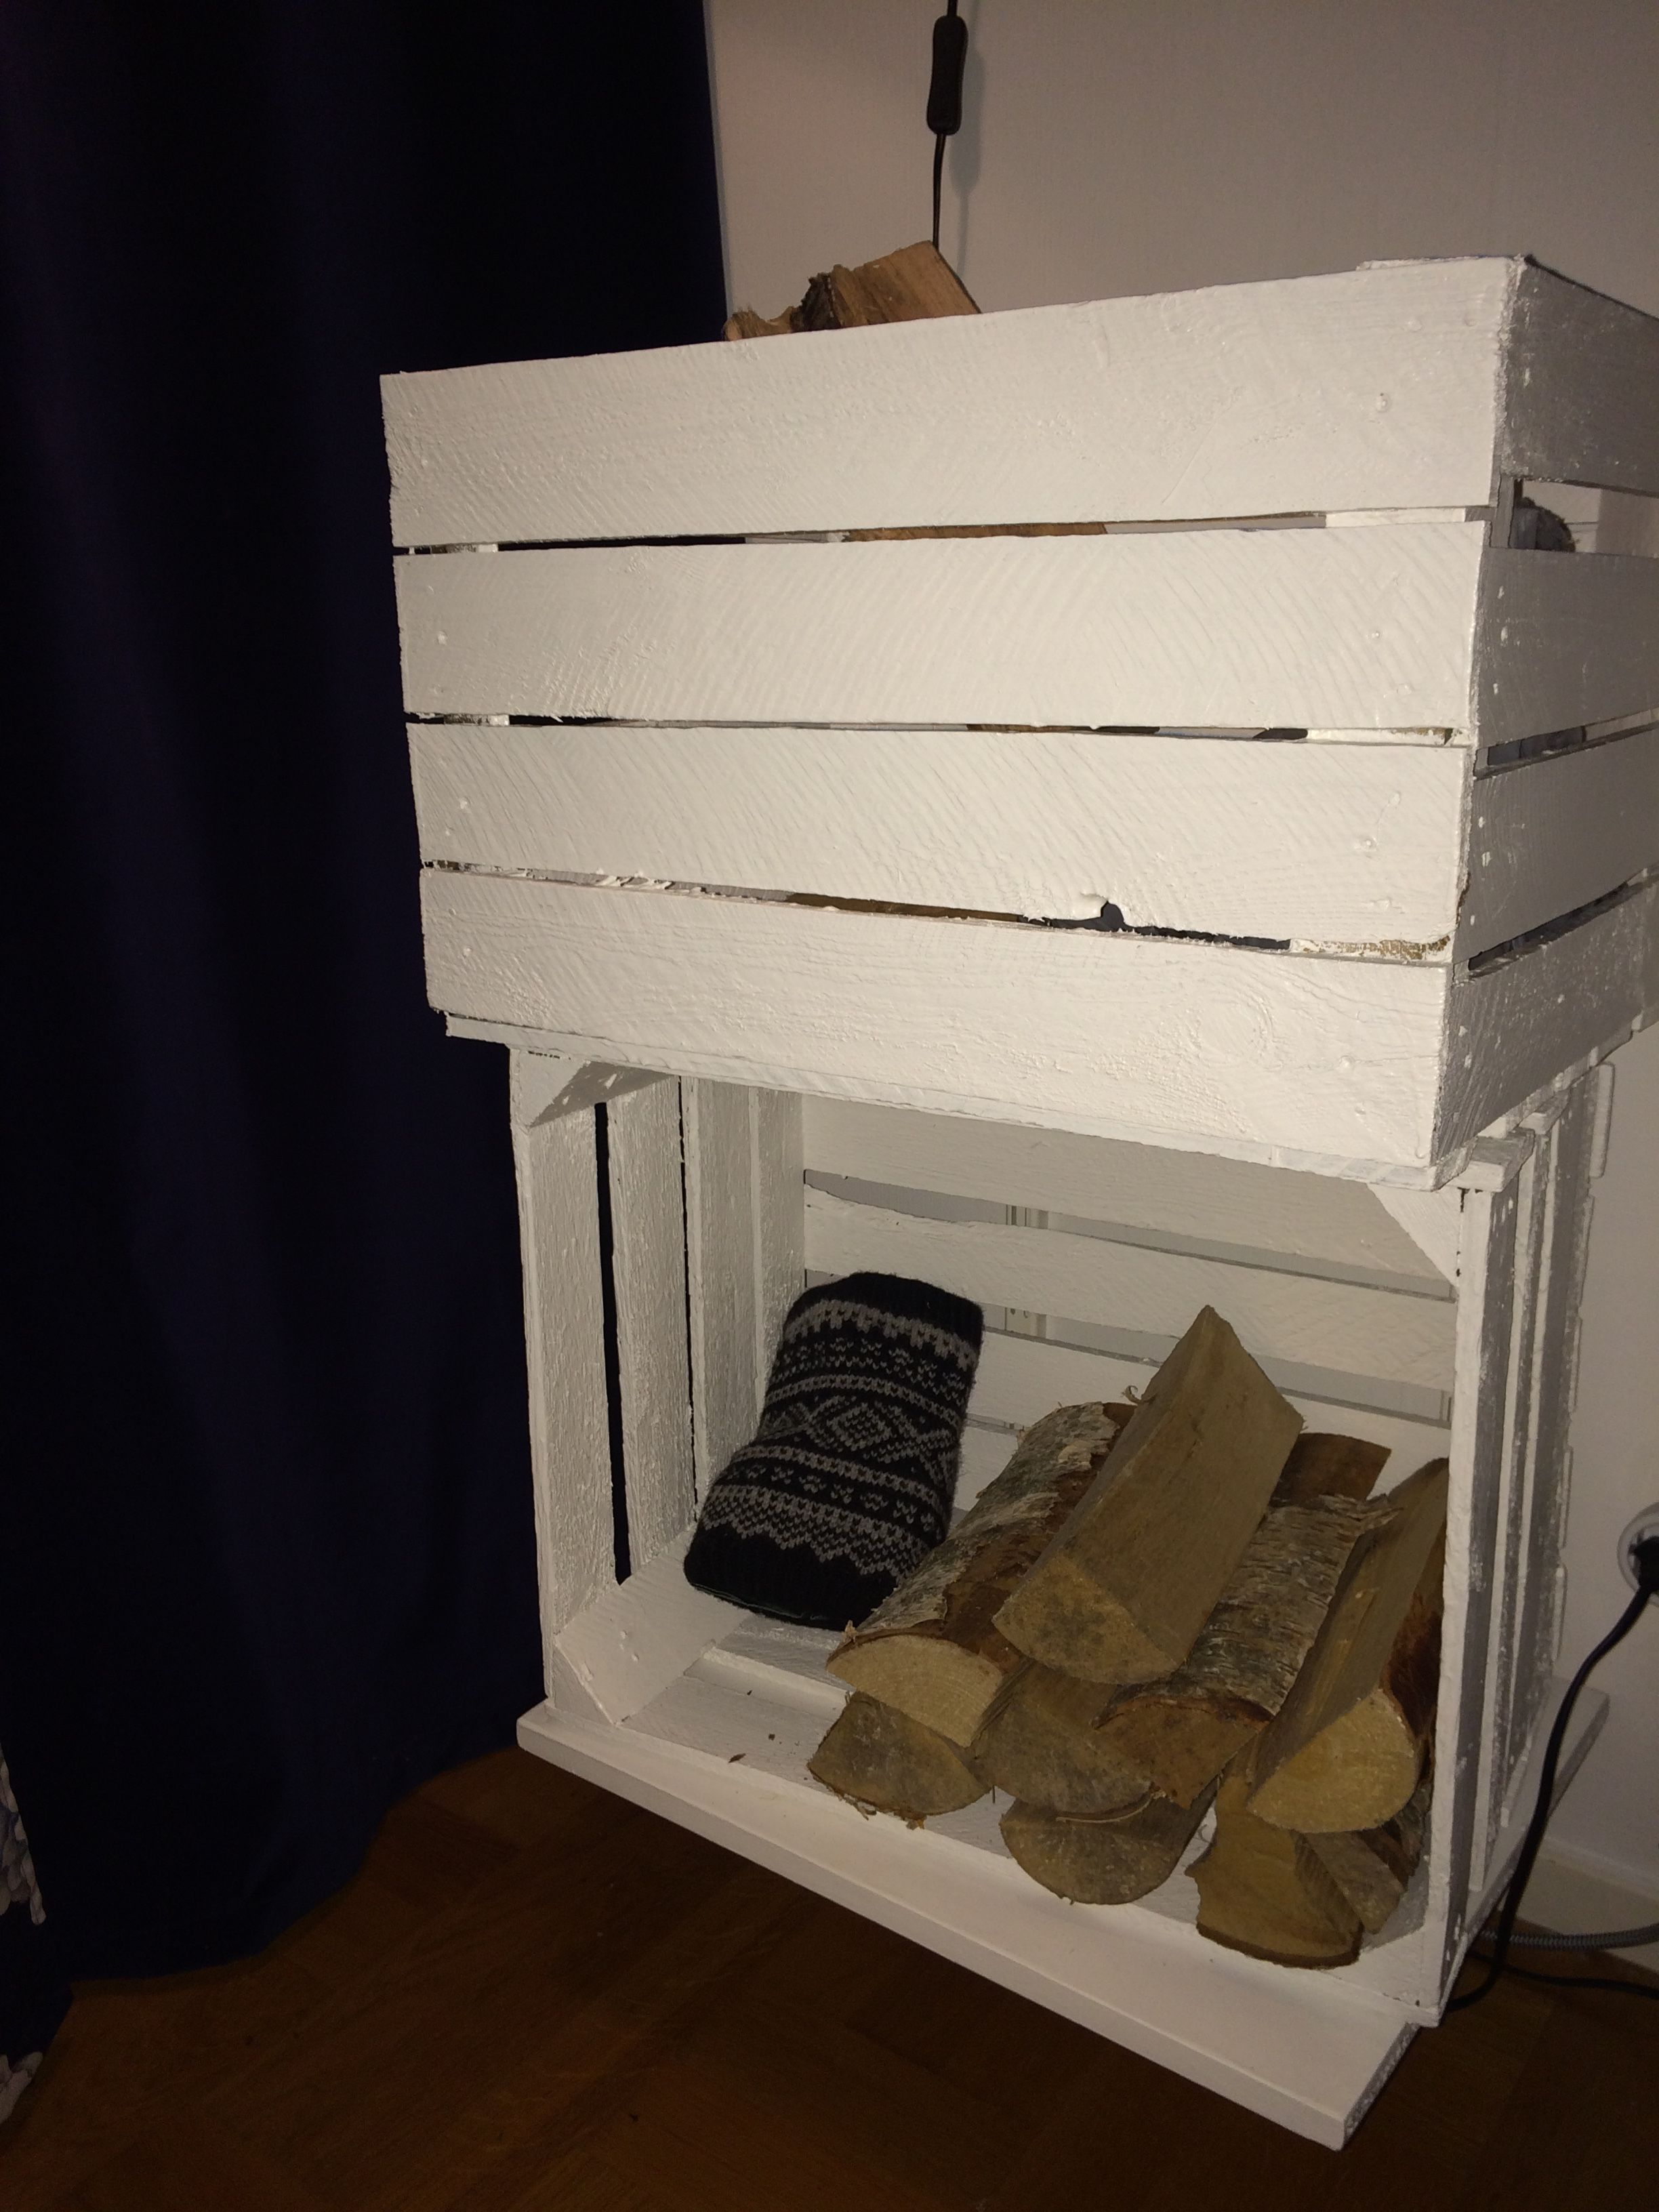 Allt upp från golvet! den undre lådan står på en vägghängd hylla ...